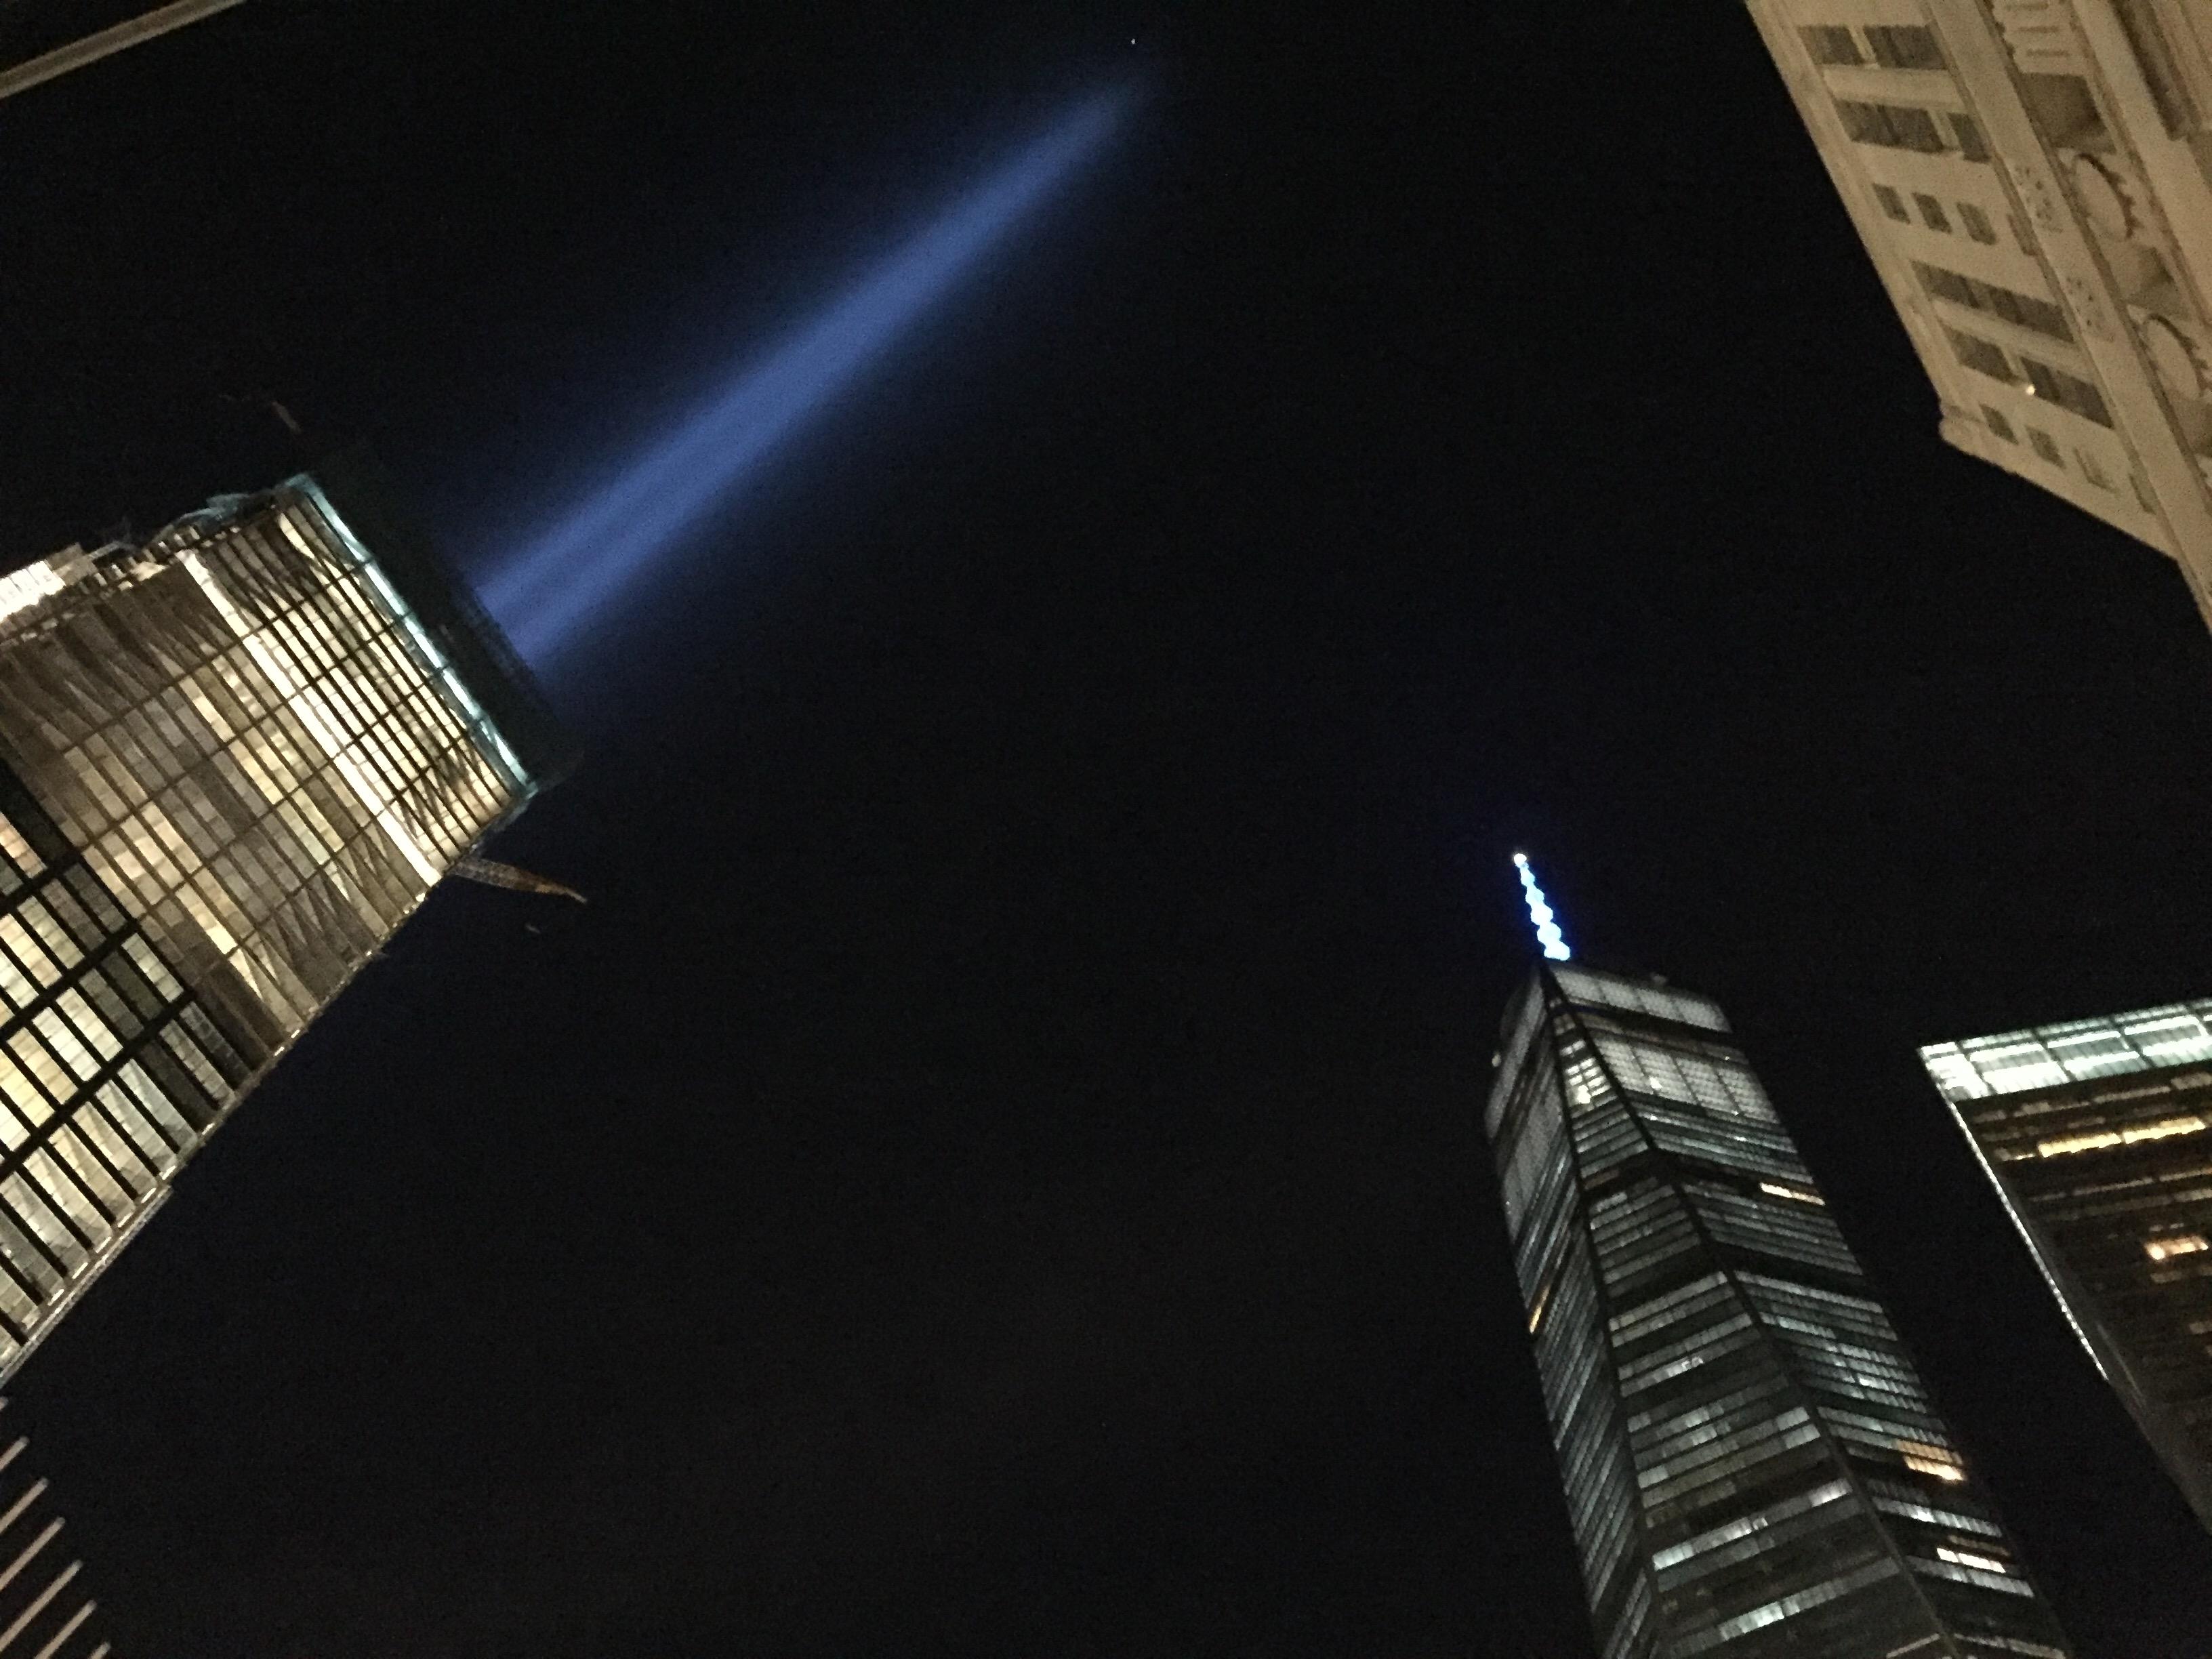 911メモリアルから見たトリビュート・イン・ライトとワンワールドトレードセンター